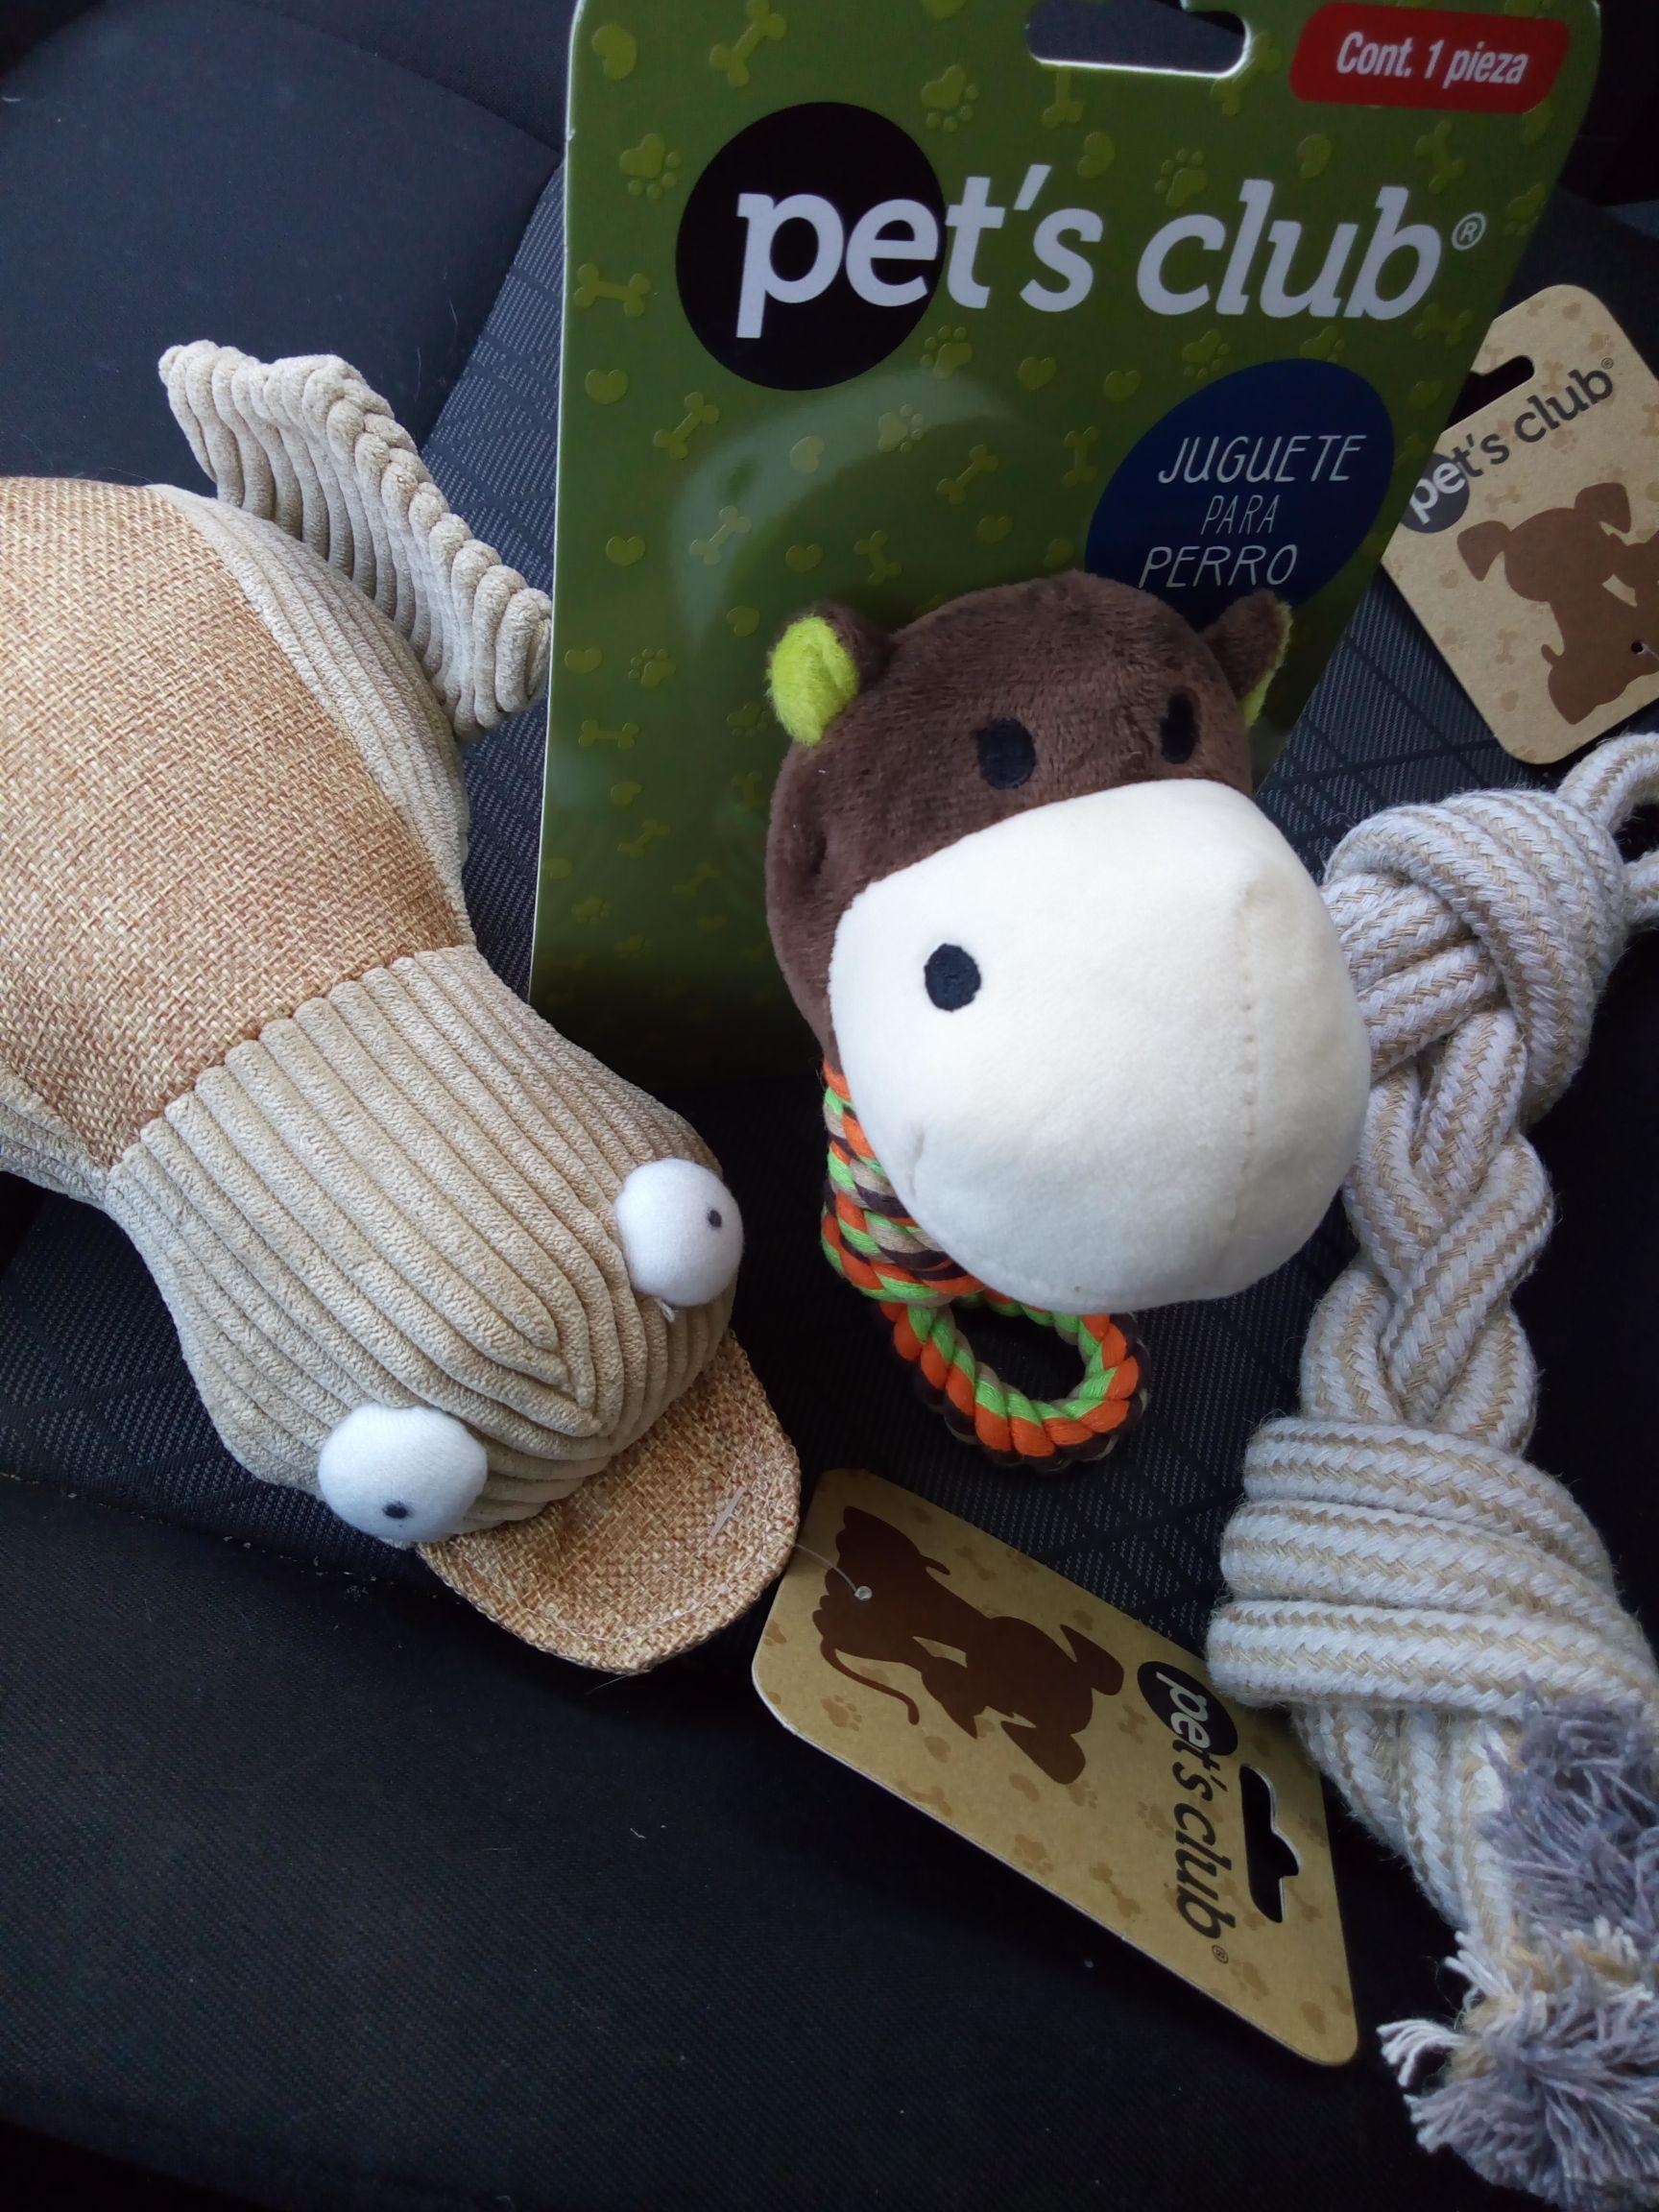 LaComer: juguete para perro a $3.75 comprando 2 piezas.